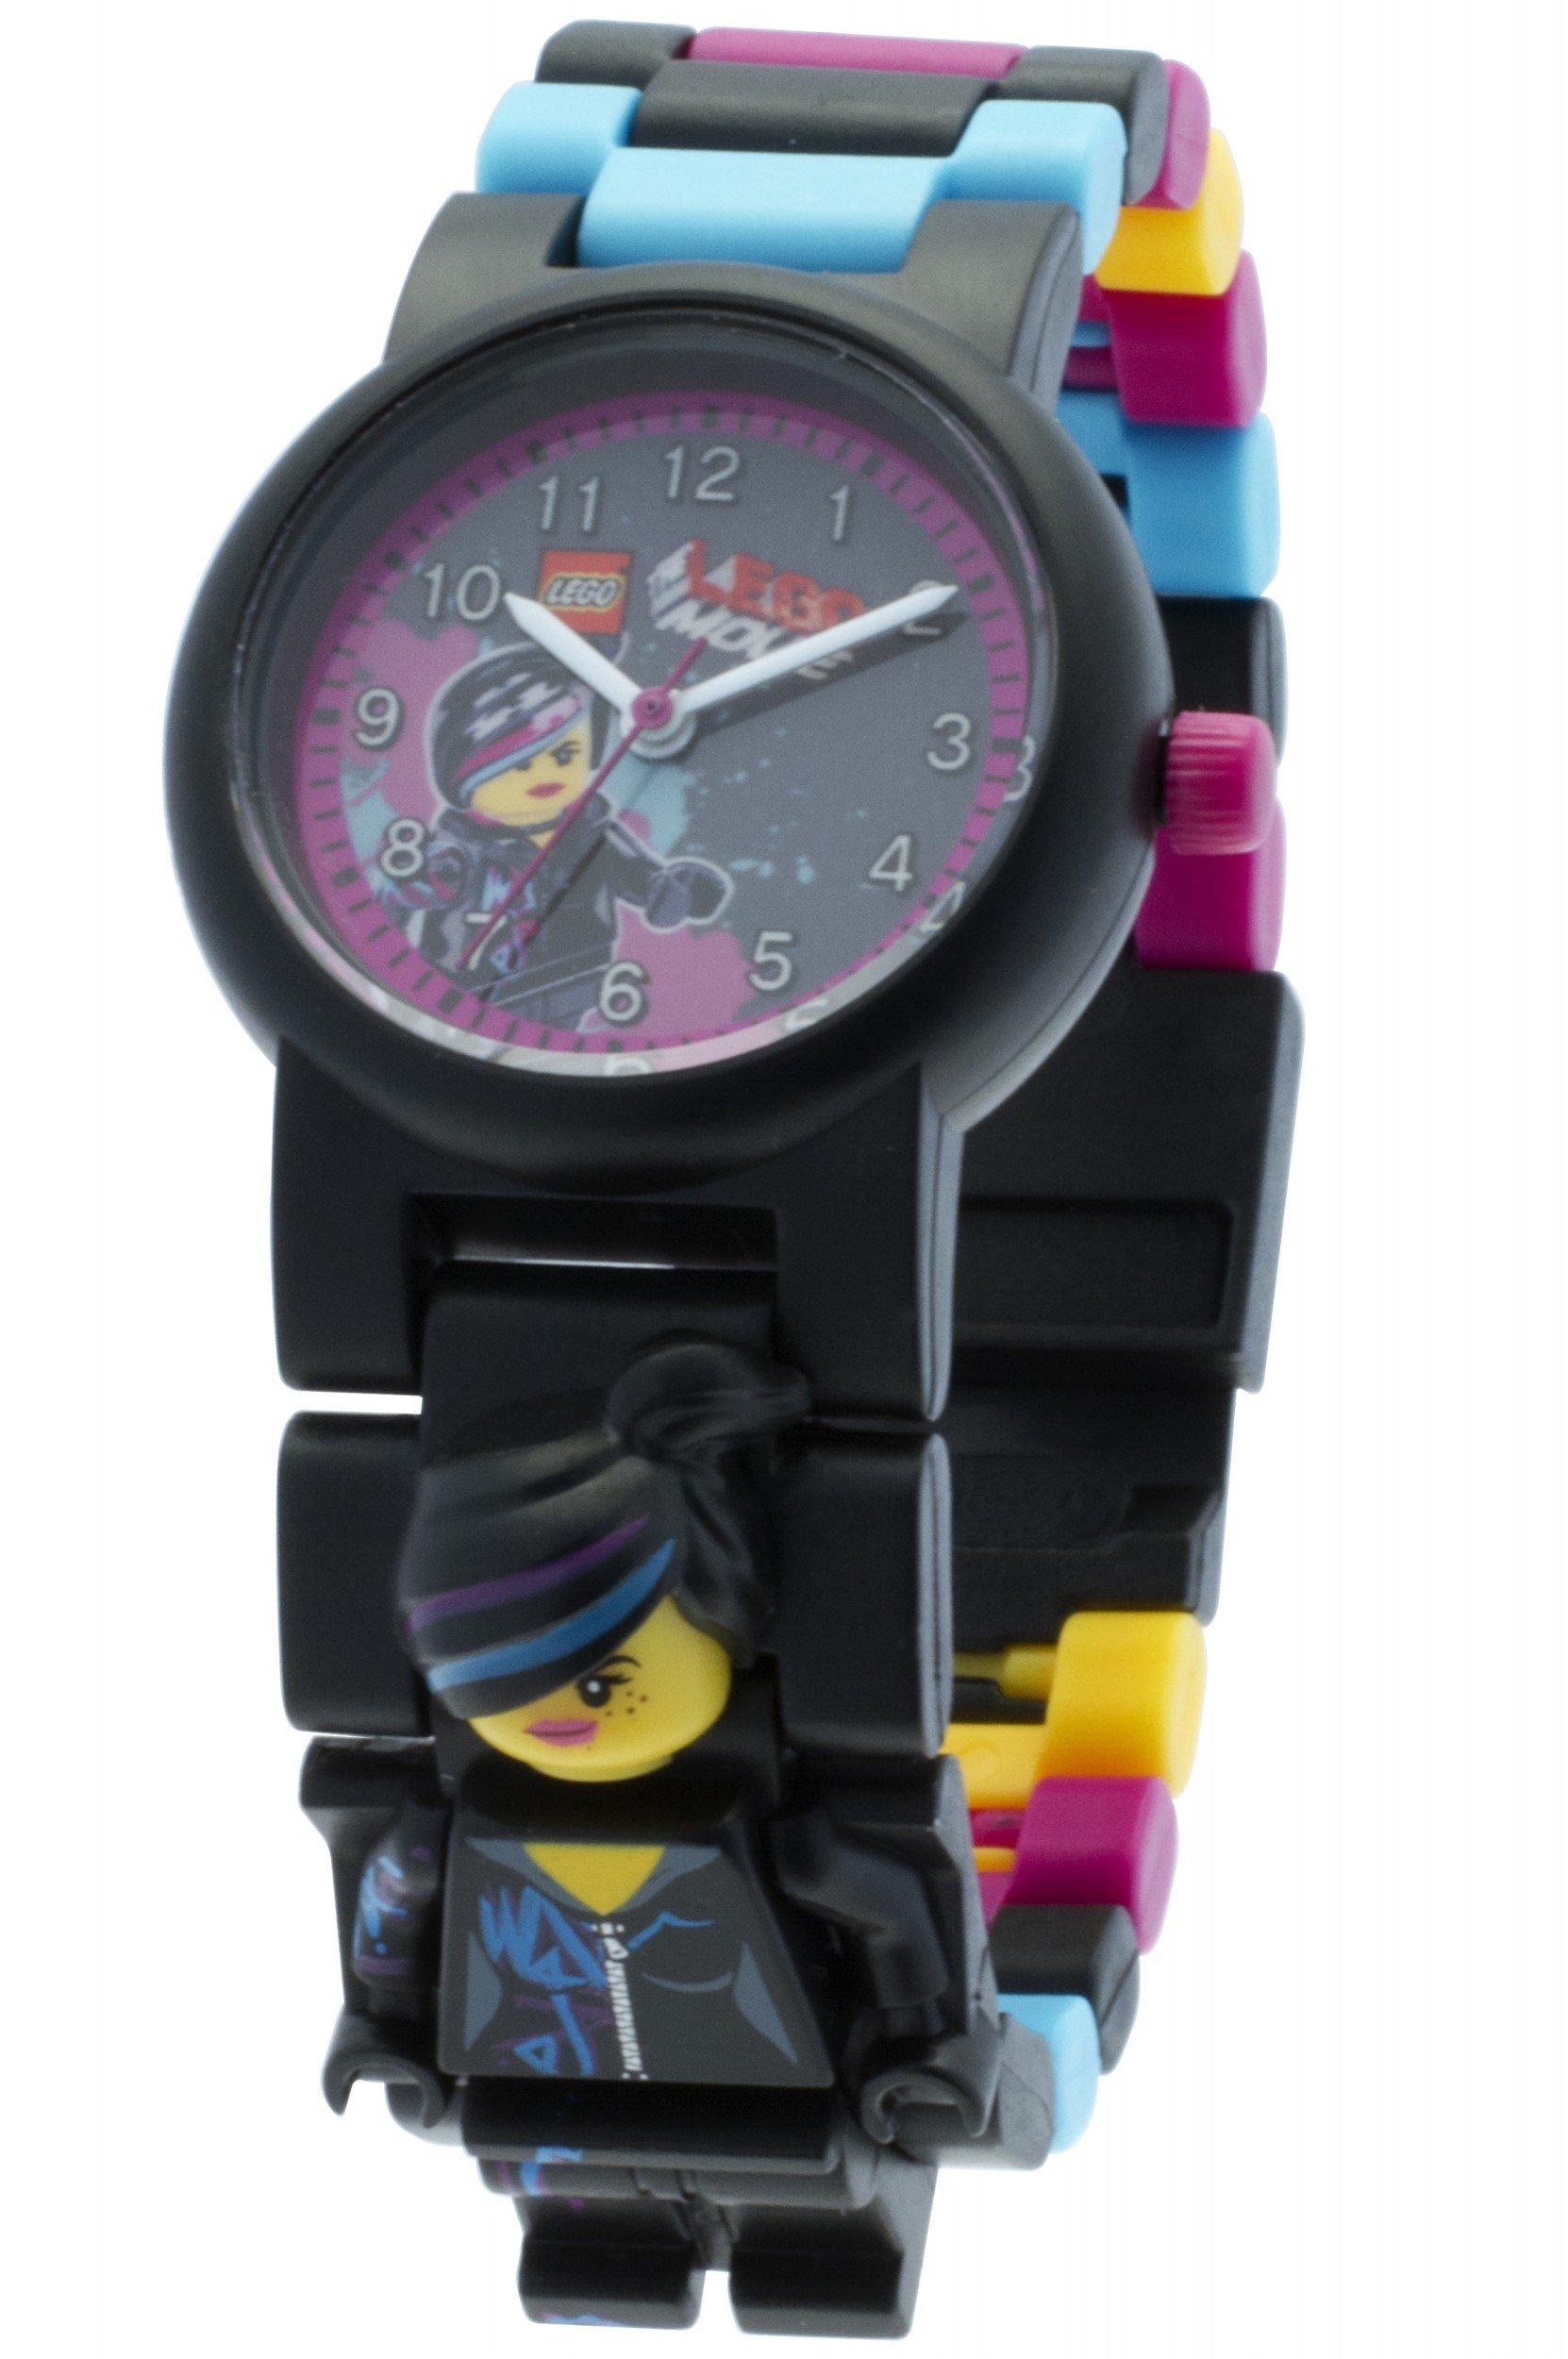 LEGO Kids' 8020233 LEGO Movie Wyldstyle Plastic Minifigure Link Watch